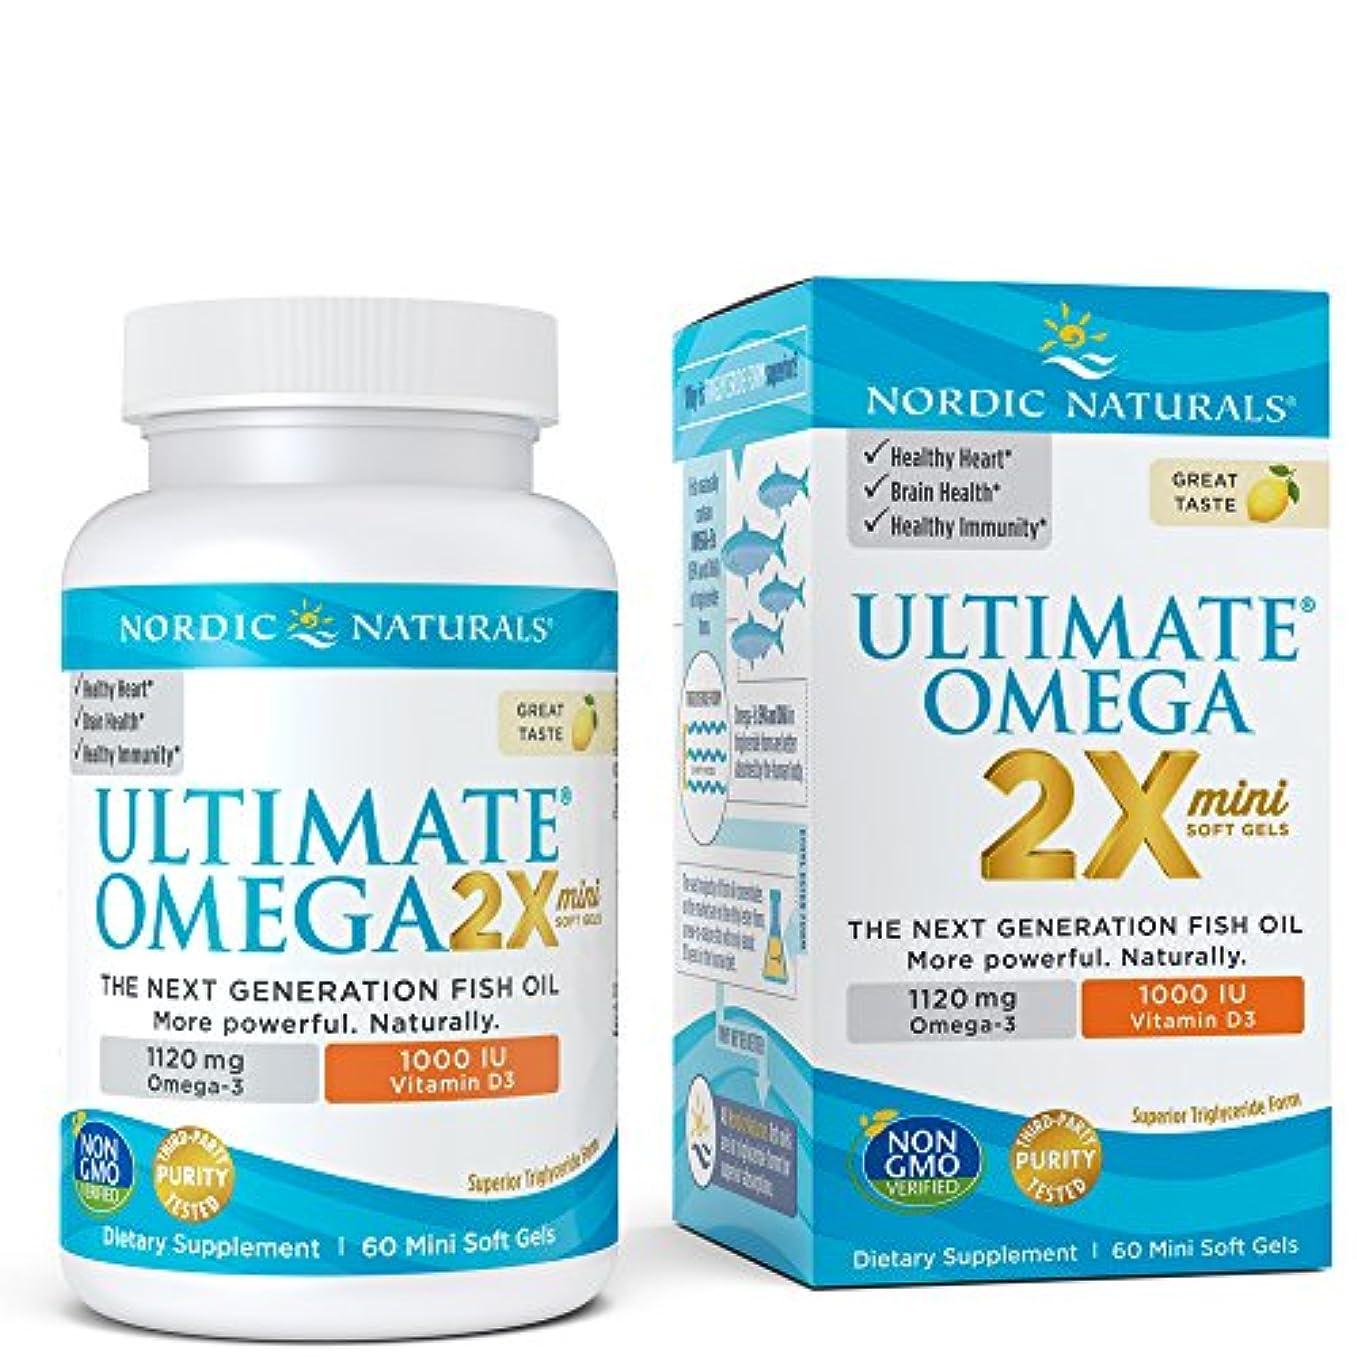 予見する不良落ち着かないNordic Naturals Ultimate Omega 2x Mini with D3 アルティメットオメガ 2x ミニ ウィズ D3 レモン味 60錠 [海外直送品]